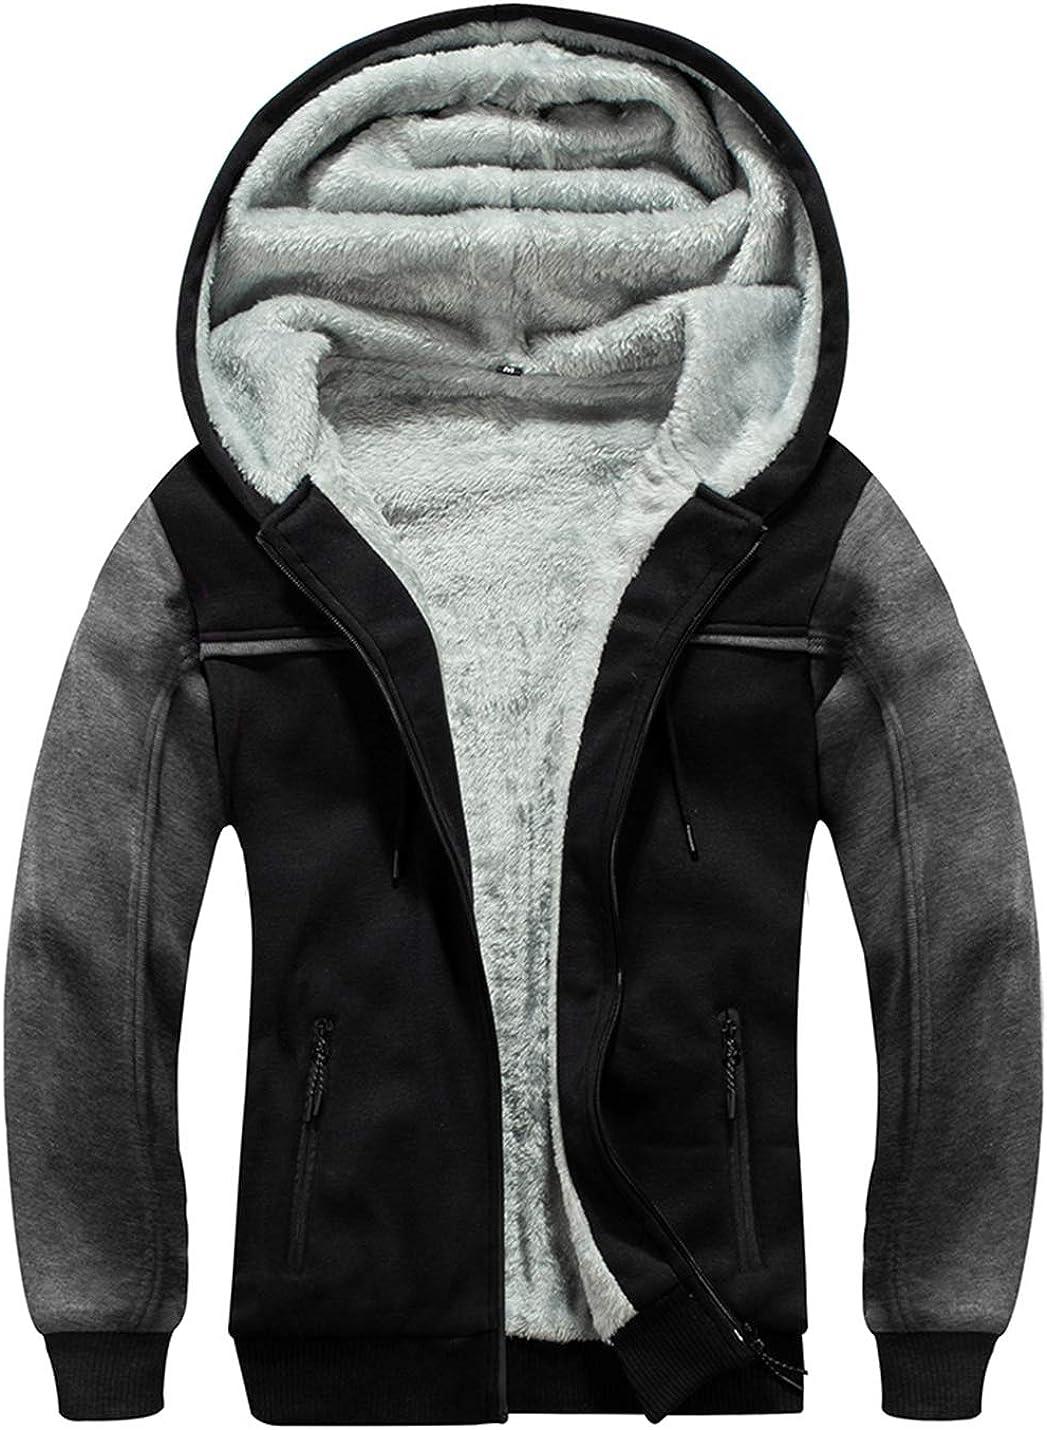 Gihuo Men's Color Block Cozy Fleece Lined Sweatshirt Warm Jacket